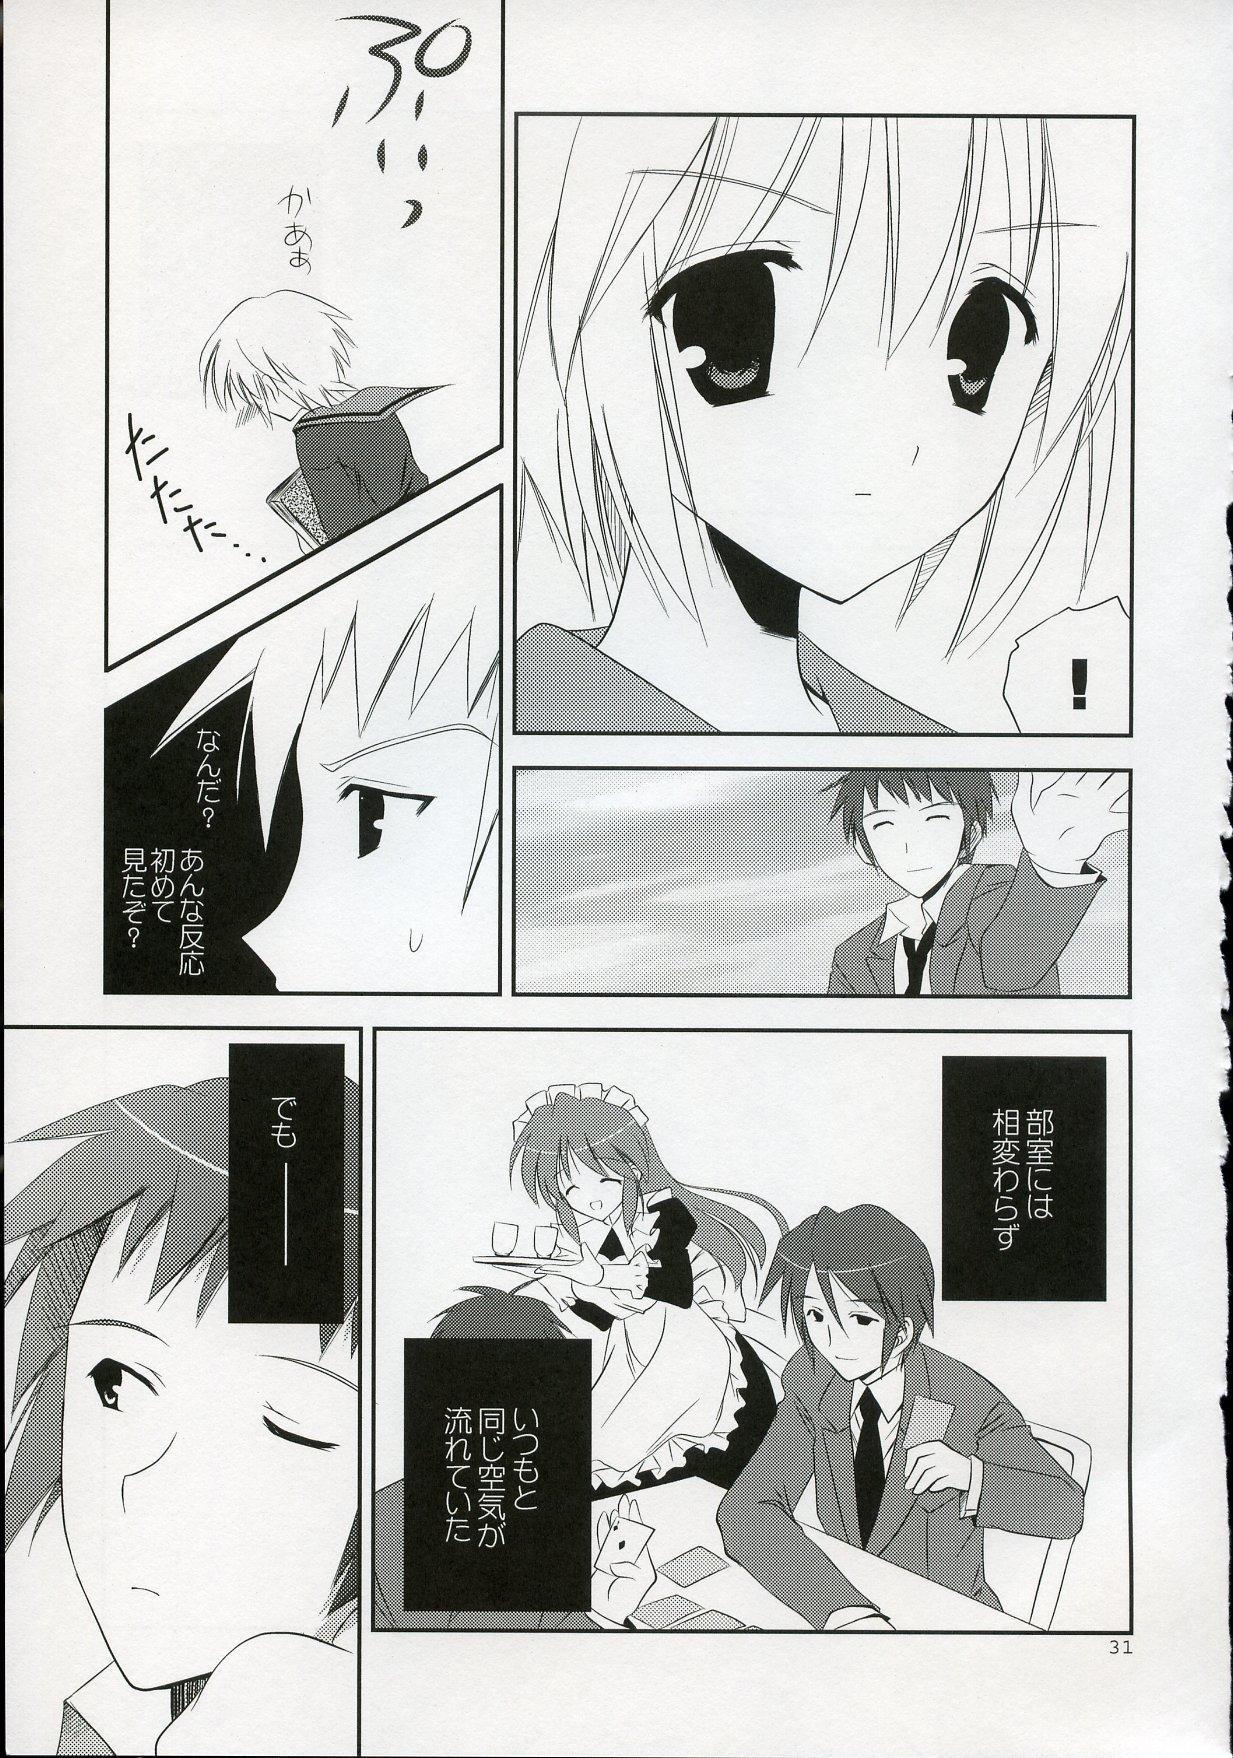 Nagato VS Kyon 29